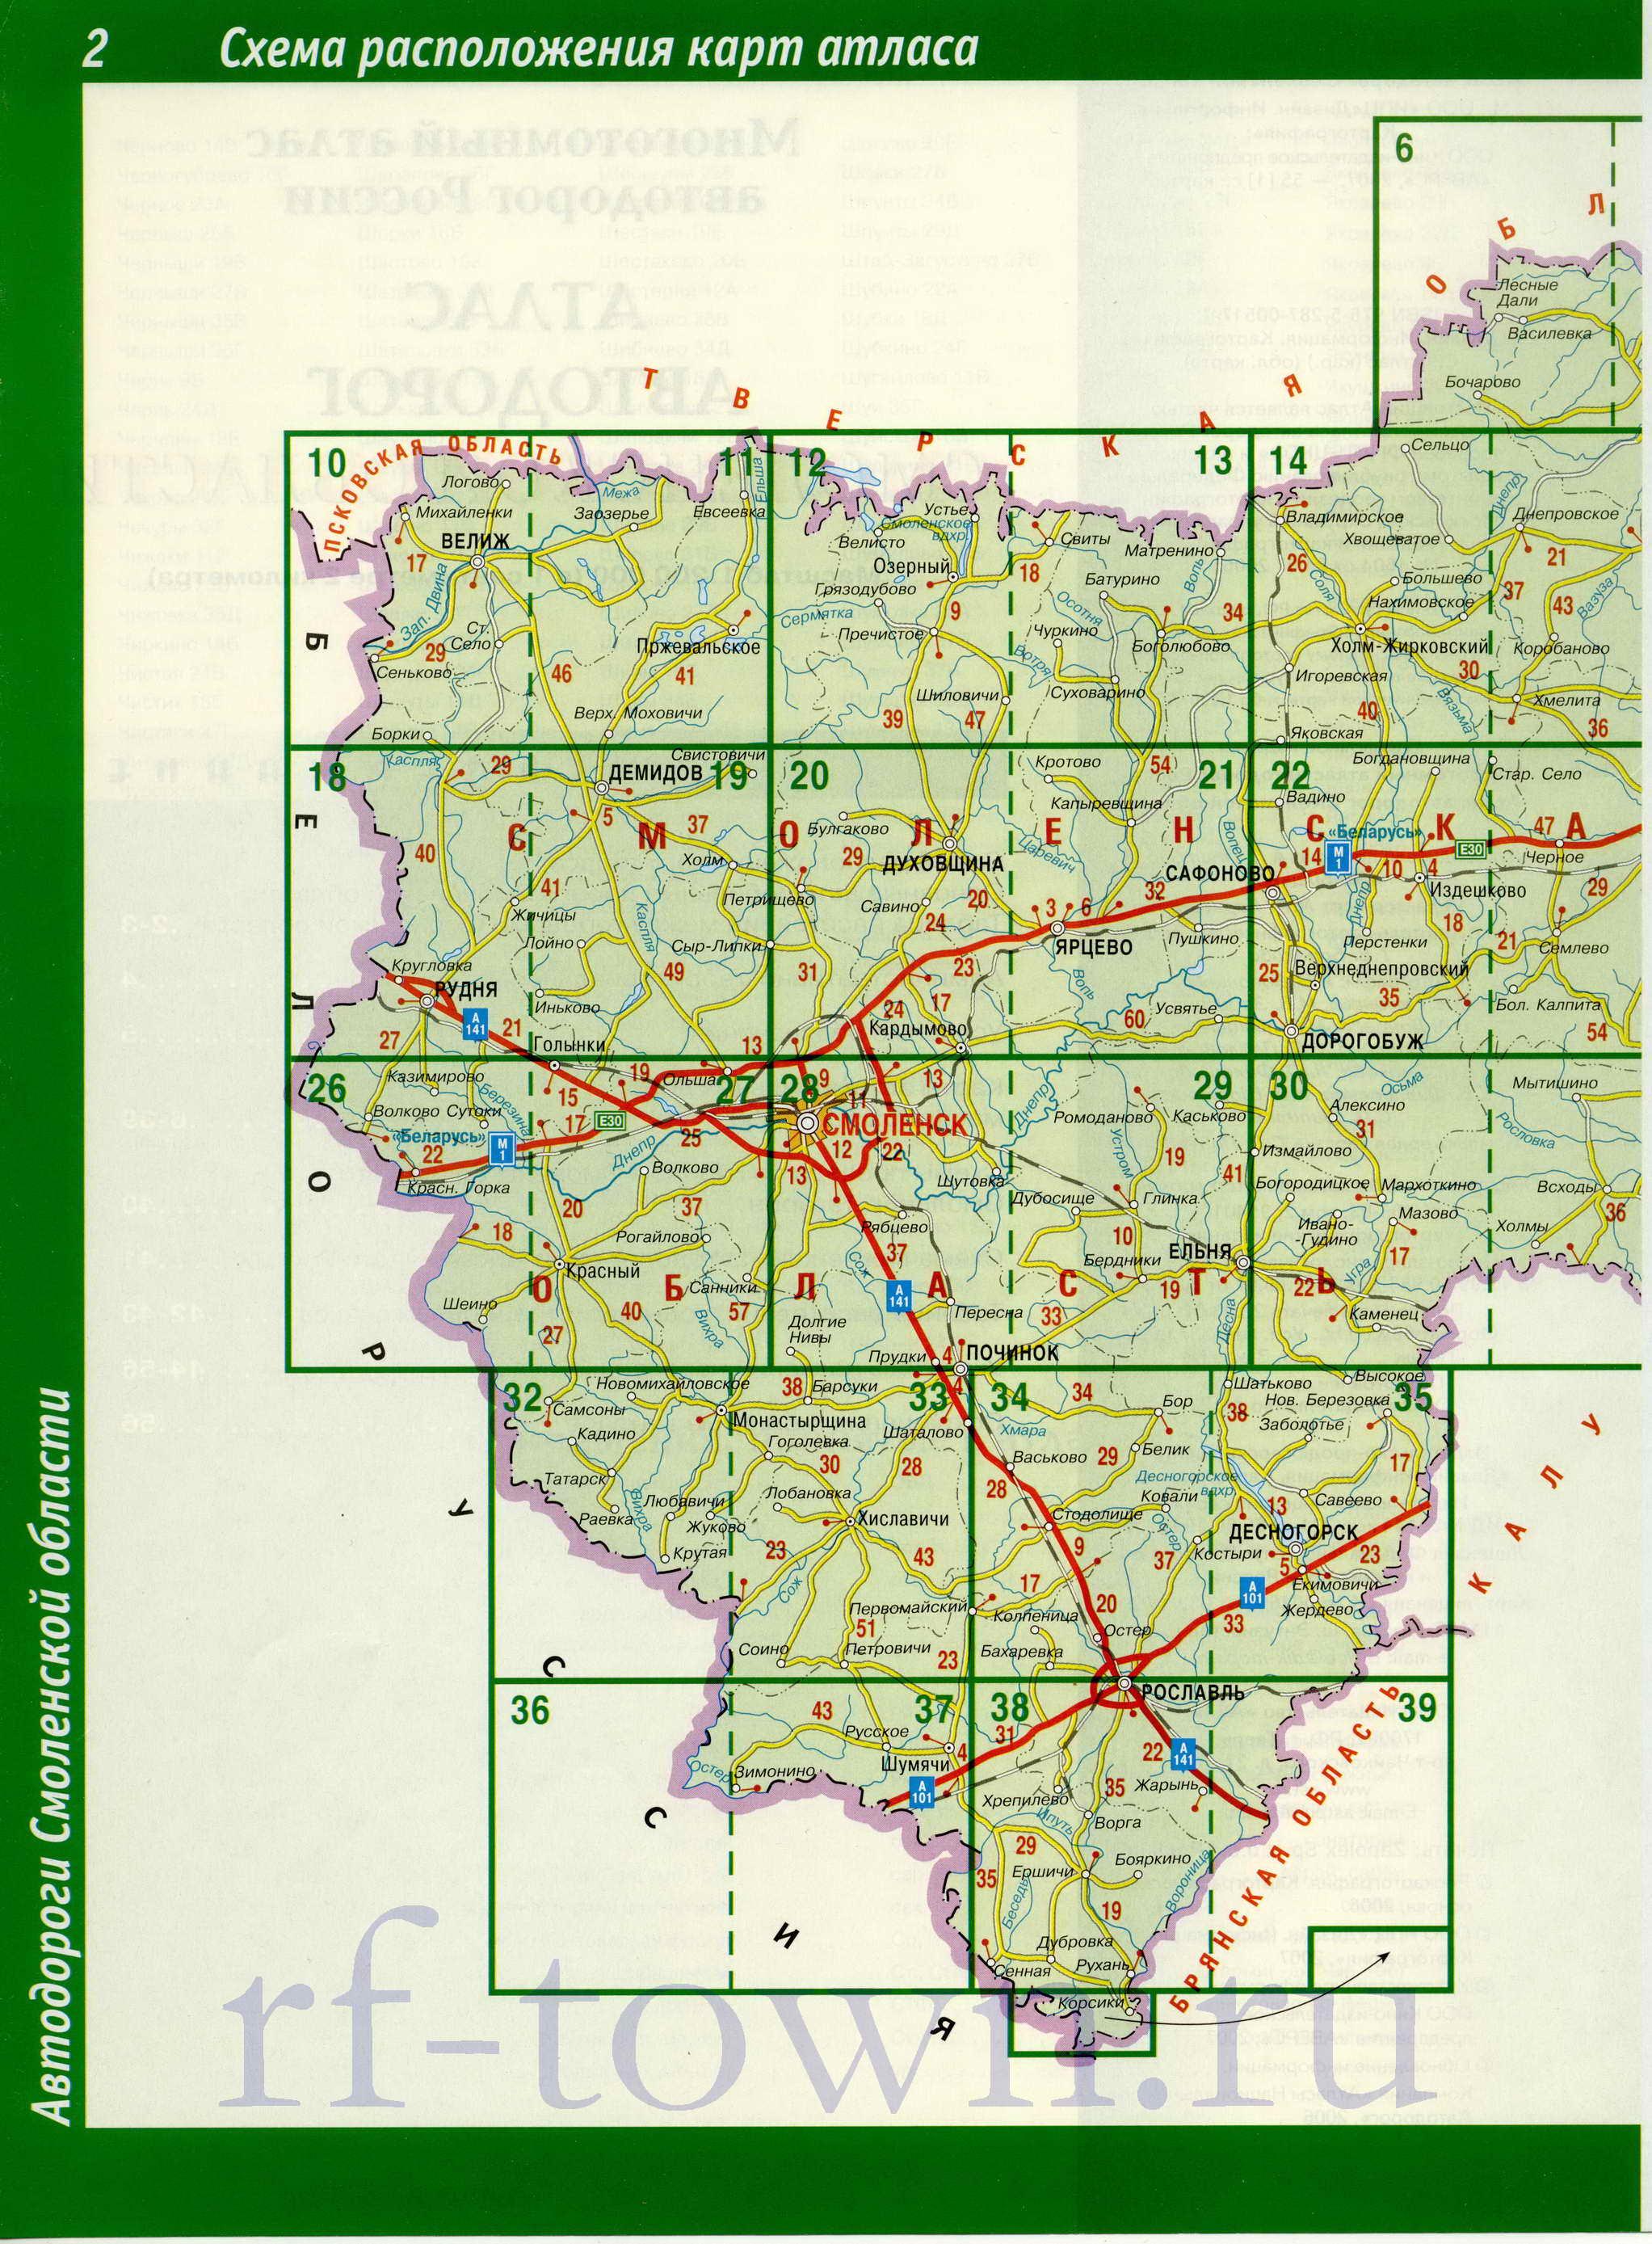 Автомобильная карта Смоленска со схемой проезда через город.